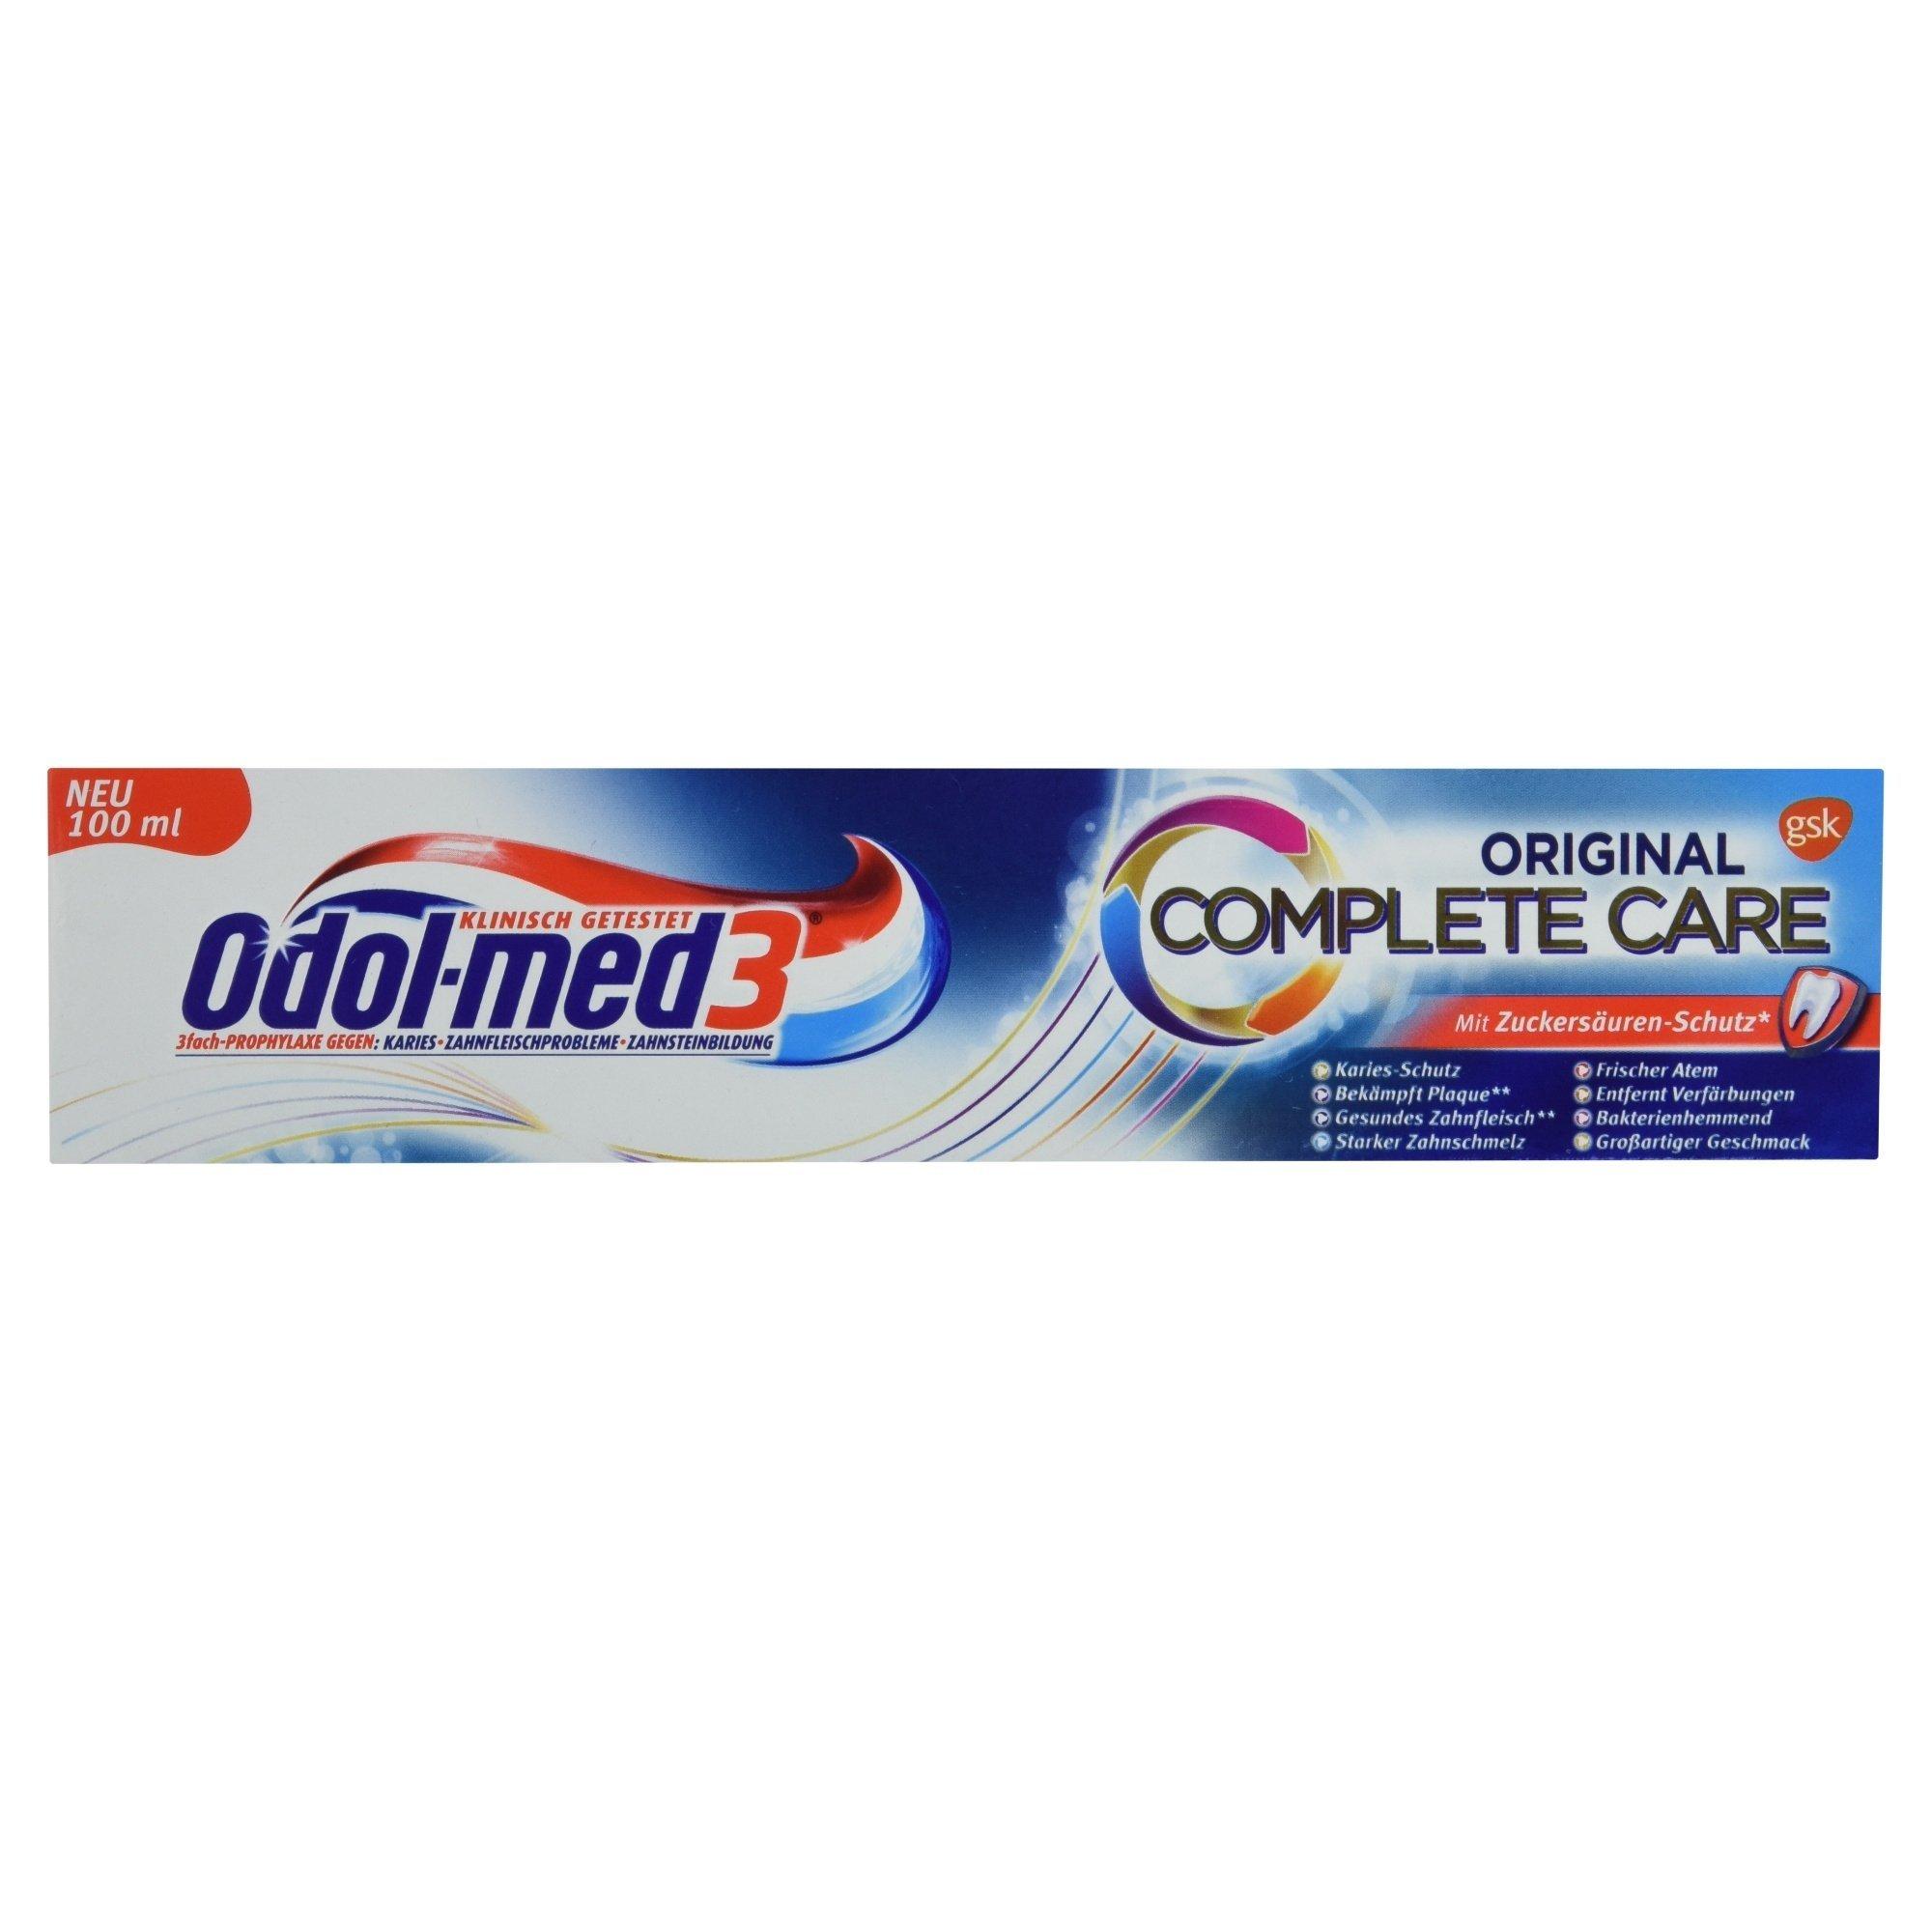 Odol-med 3 Zahncreme Complete Care original 100 ml